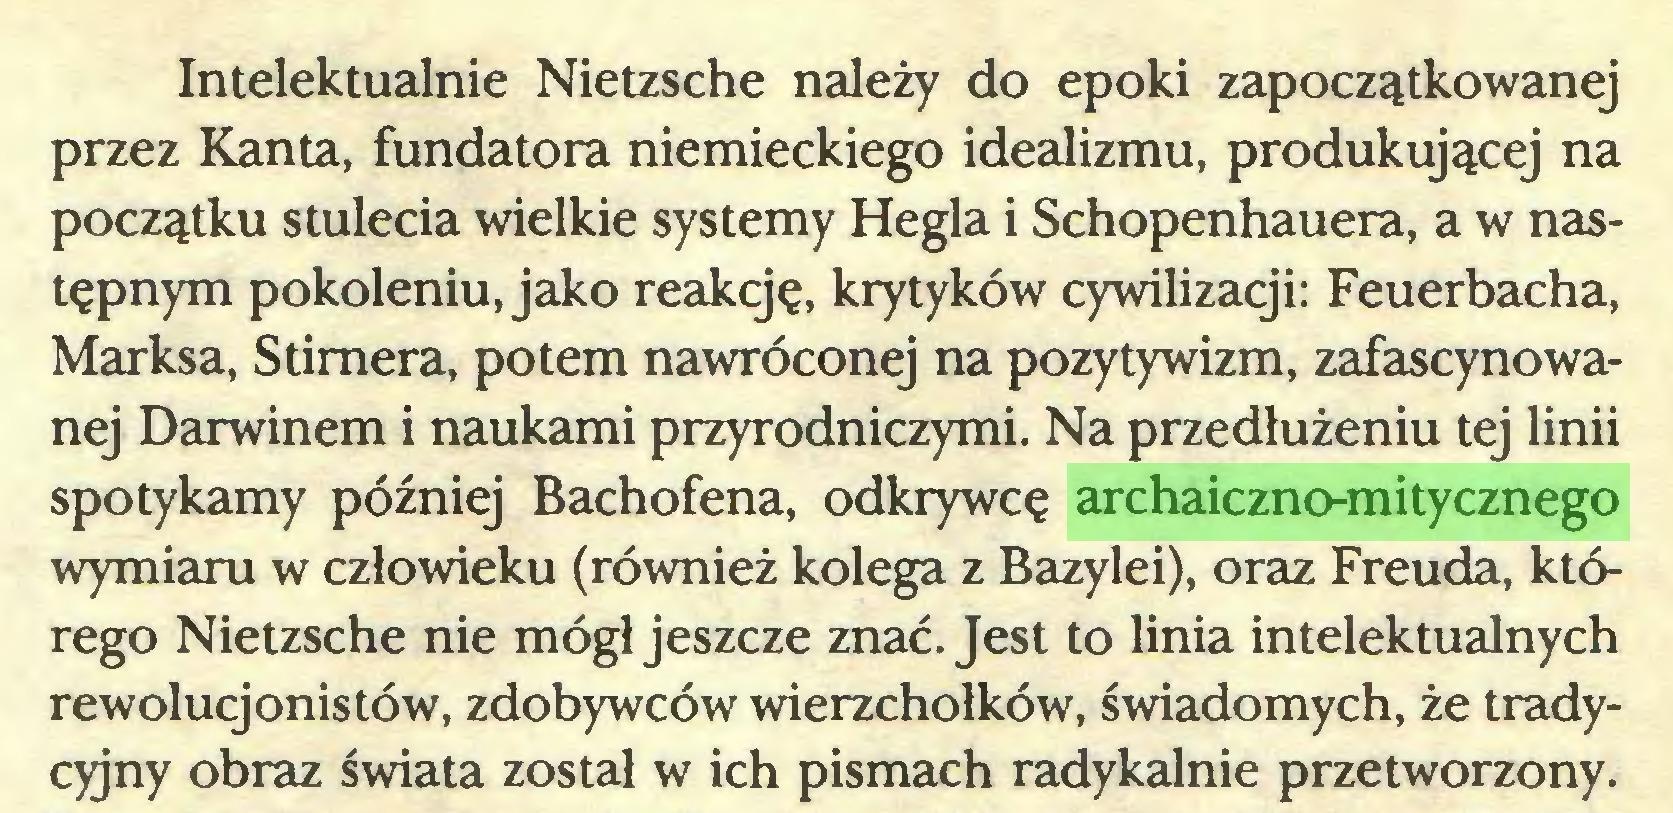 (...) Intelektualnie Nietzsche należy do epoki zapoczątkowanej przez Kanta, fundatora niemieckiego idealizmu, produkującej na początku stulecia wielkie systemy Hegla i Schopenhauera, a w następnym pokoleniu, jako reakcję, krytyków cywilizacji: Feuerbacha, Marksa, Stimera, potem nawróconej na pozytywizm, zafascynowanej Darwinem i naukami przyrodniczymi. Na przedłużeniu tej linii spotykamy później Bachofena, odkrywcę archaiczno-mitycznego wymiaru w człowieku (również kolega z Bazylei), oraz Freuda, którego Nietzsche nie mógł jeszcze znać. Jest to linia intelektualnych rewolucjonistów, zdobywców wierzchołków, świadomych, że tradycyjny obraz świata został w ich pismach radykalnie przetworzony...